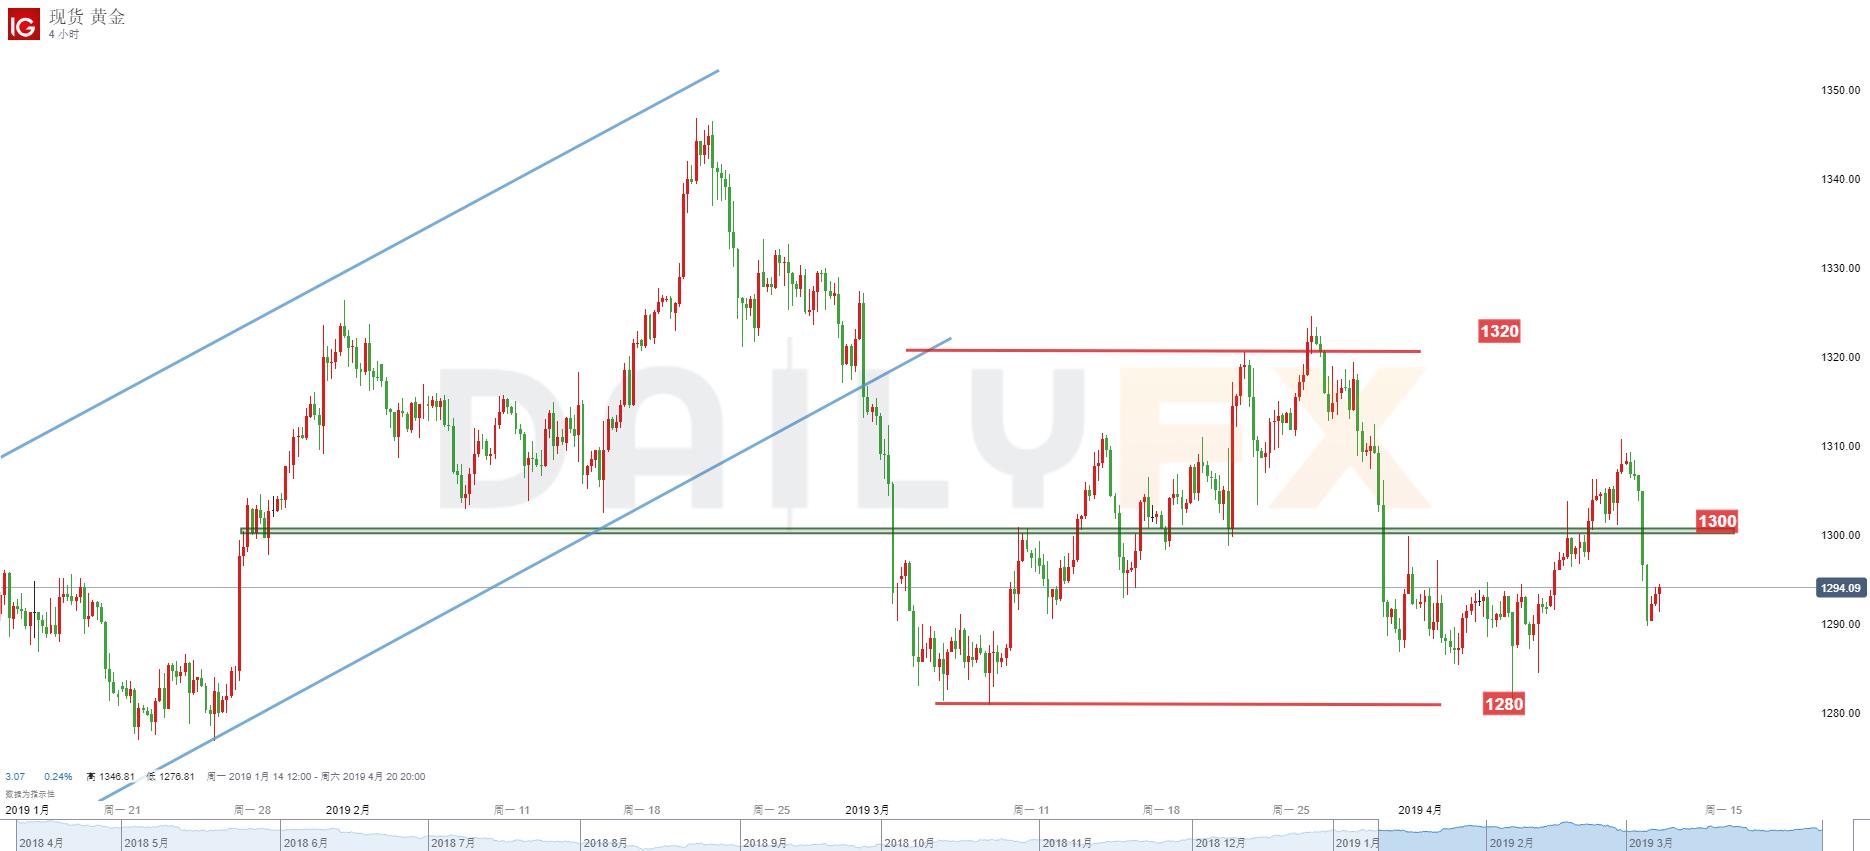 黄金/美元技术分析:1300再次成为阻力,宜关注1290-1300区域